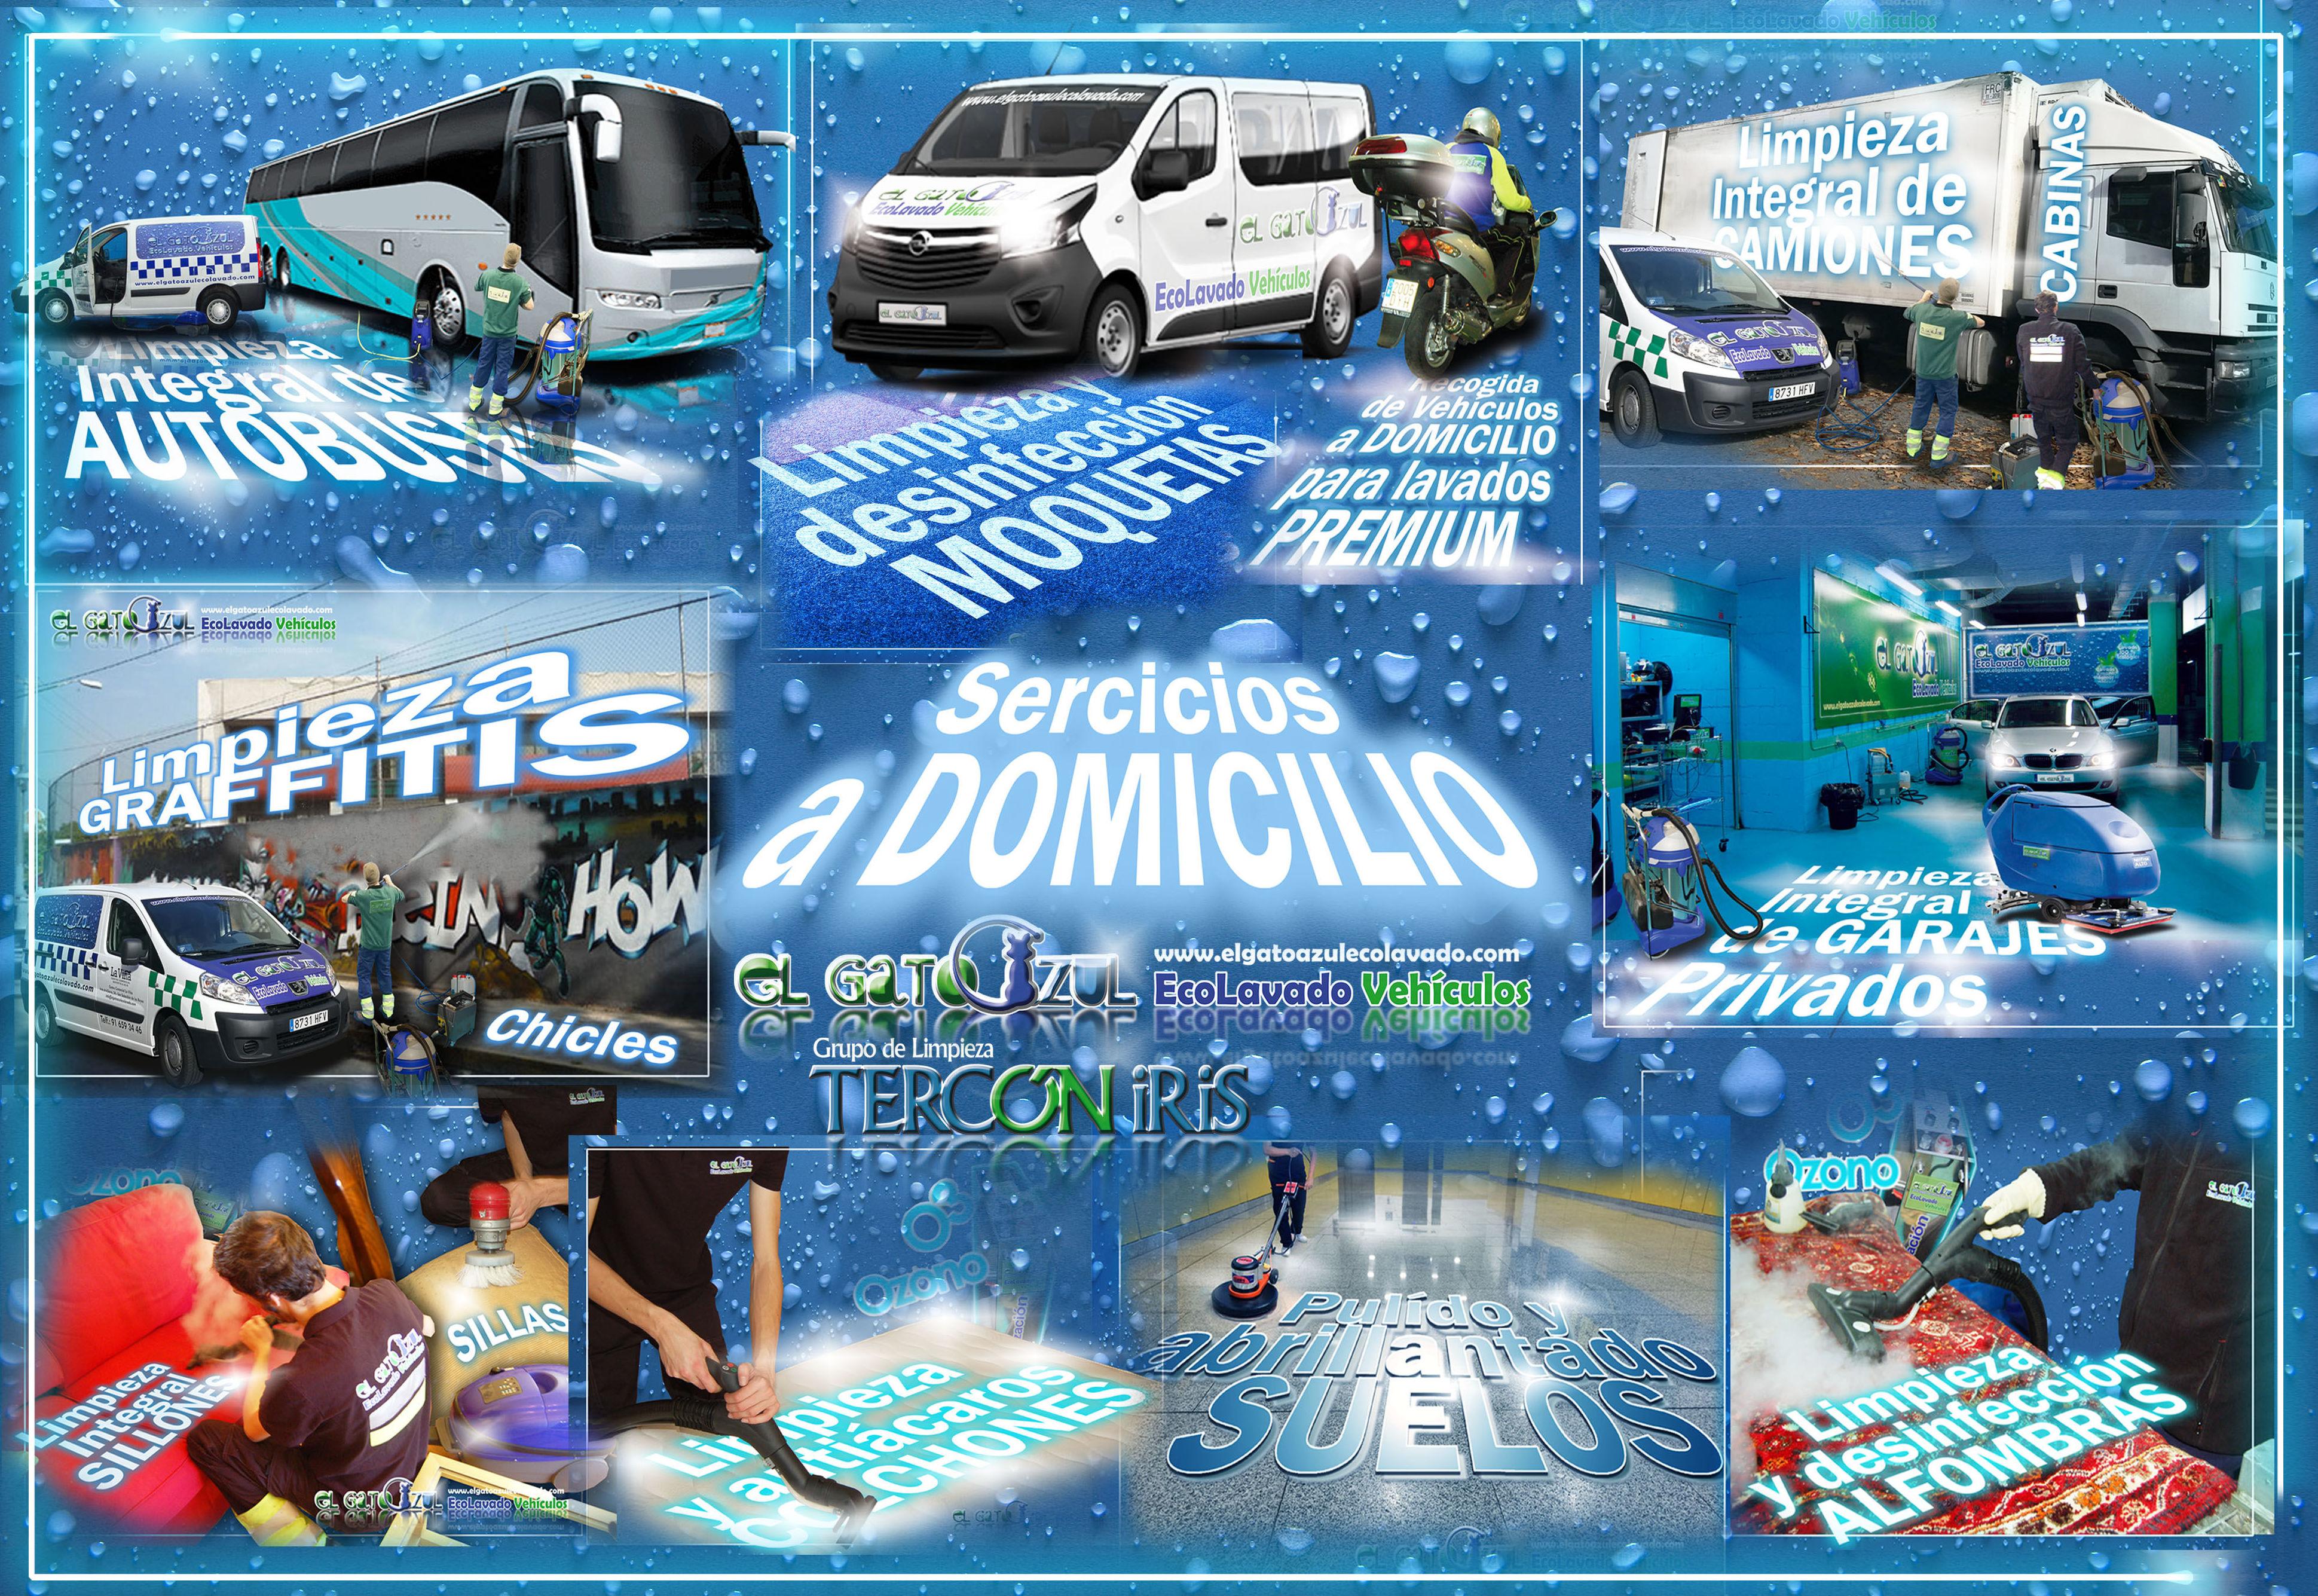 Foto 4 de Limpieza de vehículos en  | El Gato Azul Ecolavado Vehículos